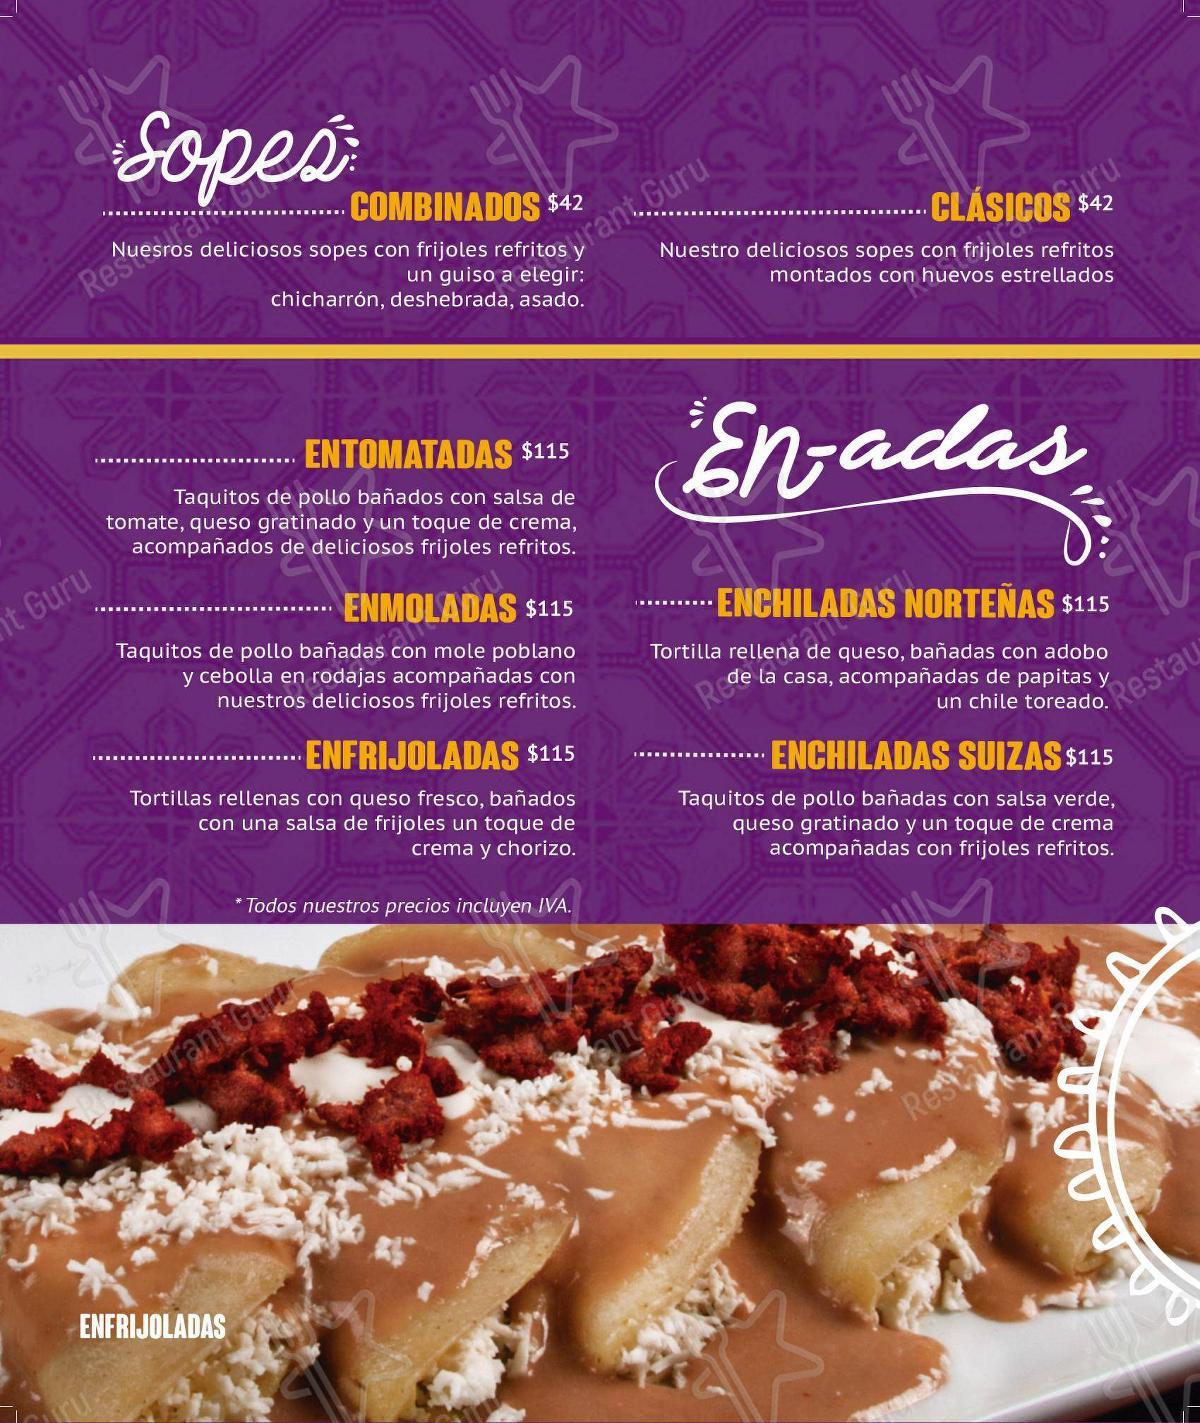 Carta de Las Brazas - Paseo Tec - comidas y bebidas